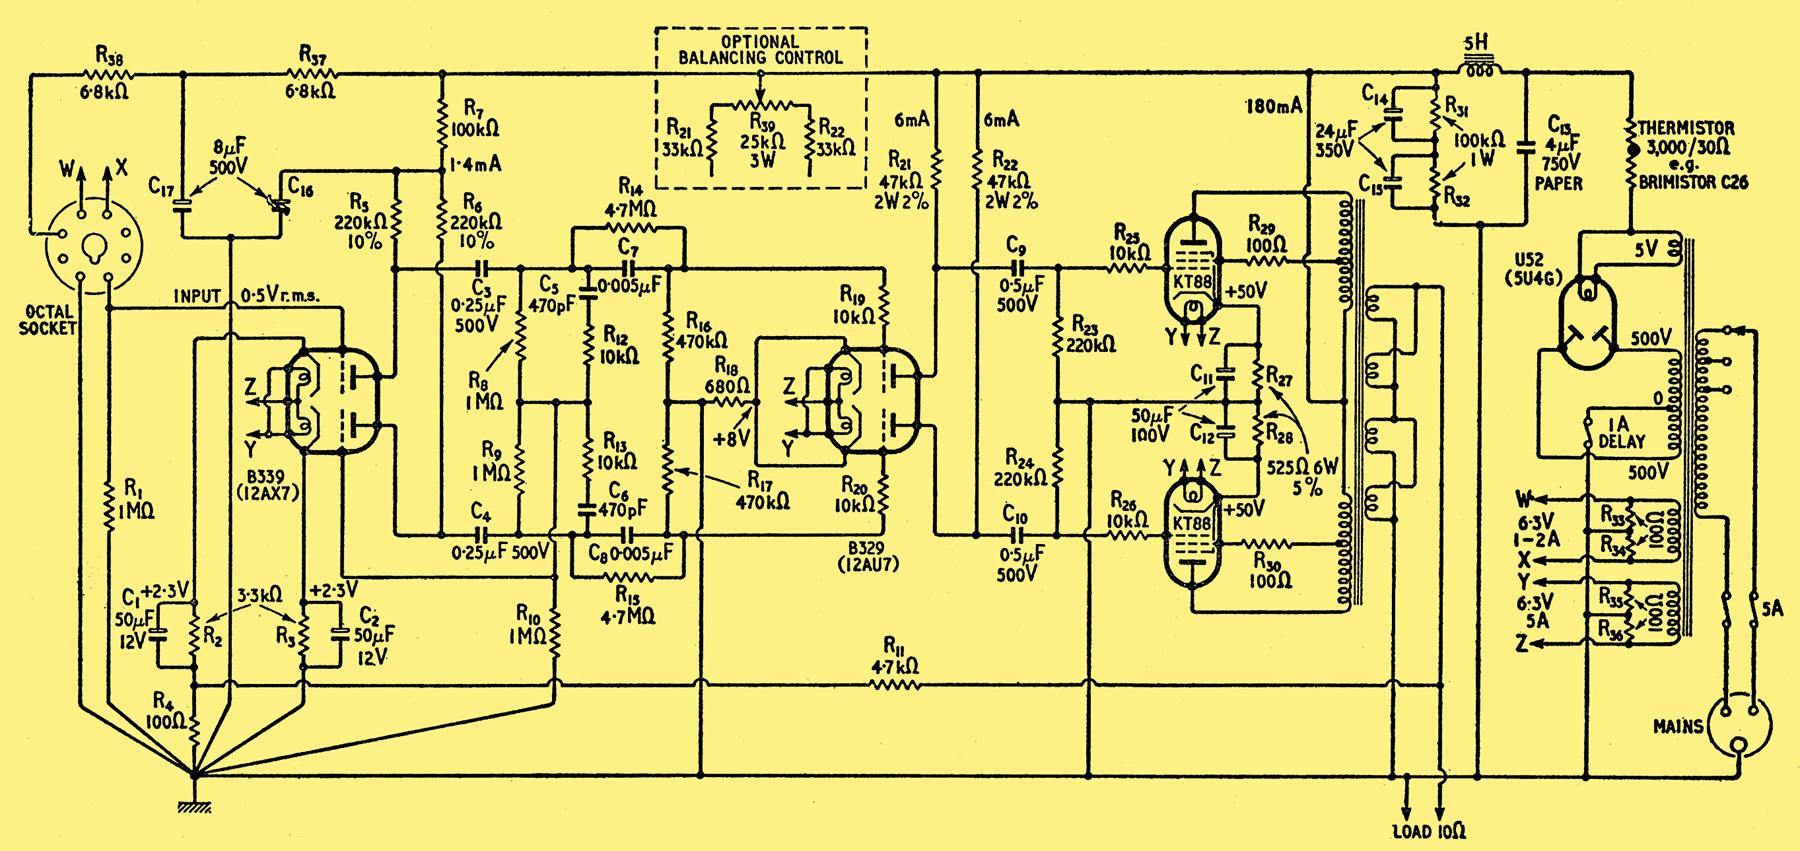 5000 watt amplifier circuit diagram haltech interceptor wiring design for a 50